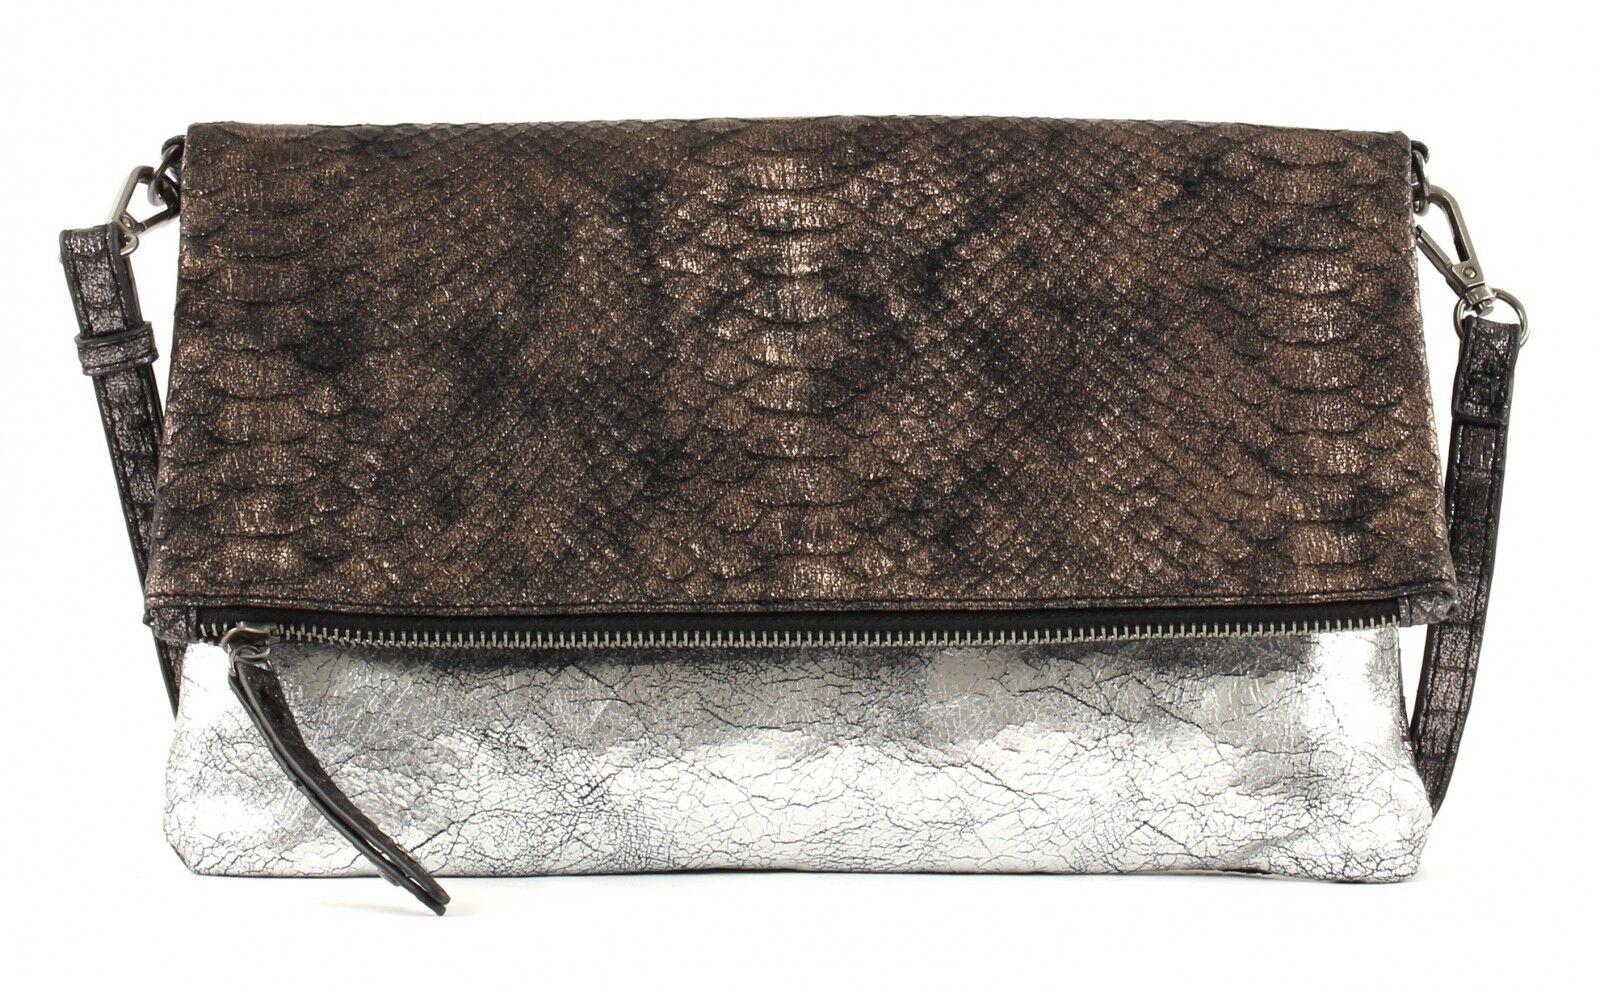 SURI FREY Fanny Crotver Bag S Umhängetasche Clutch Bronze Bronze Silber Neu   Um Zuerst Unter ähnlichen Produkten Rang    Viele Stile    Große Auswahl